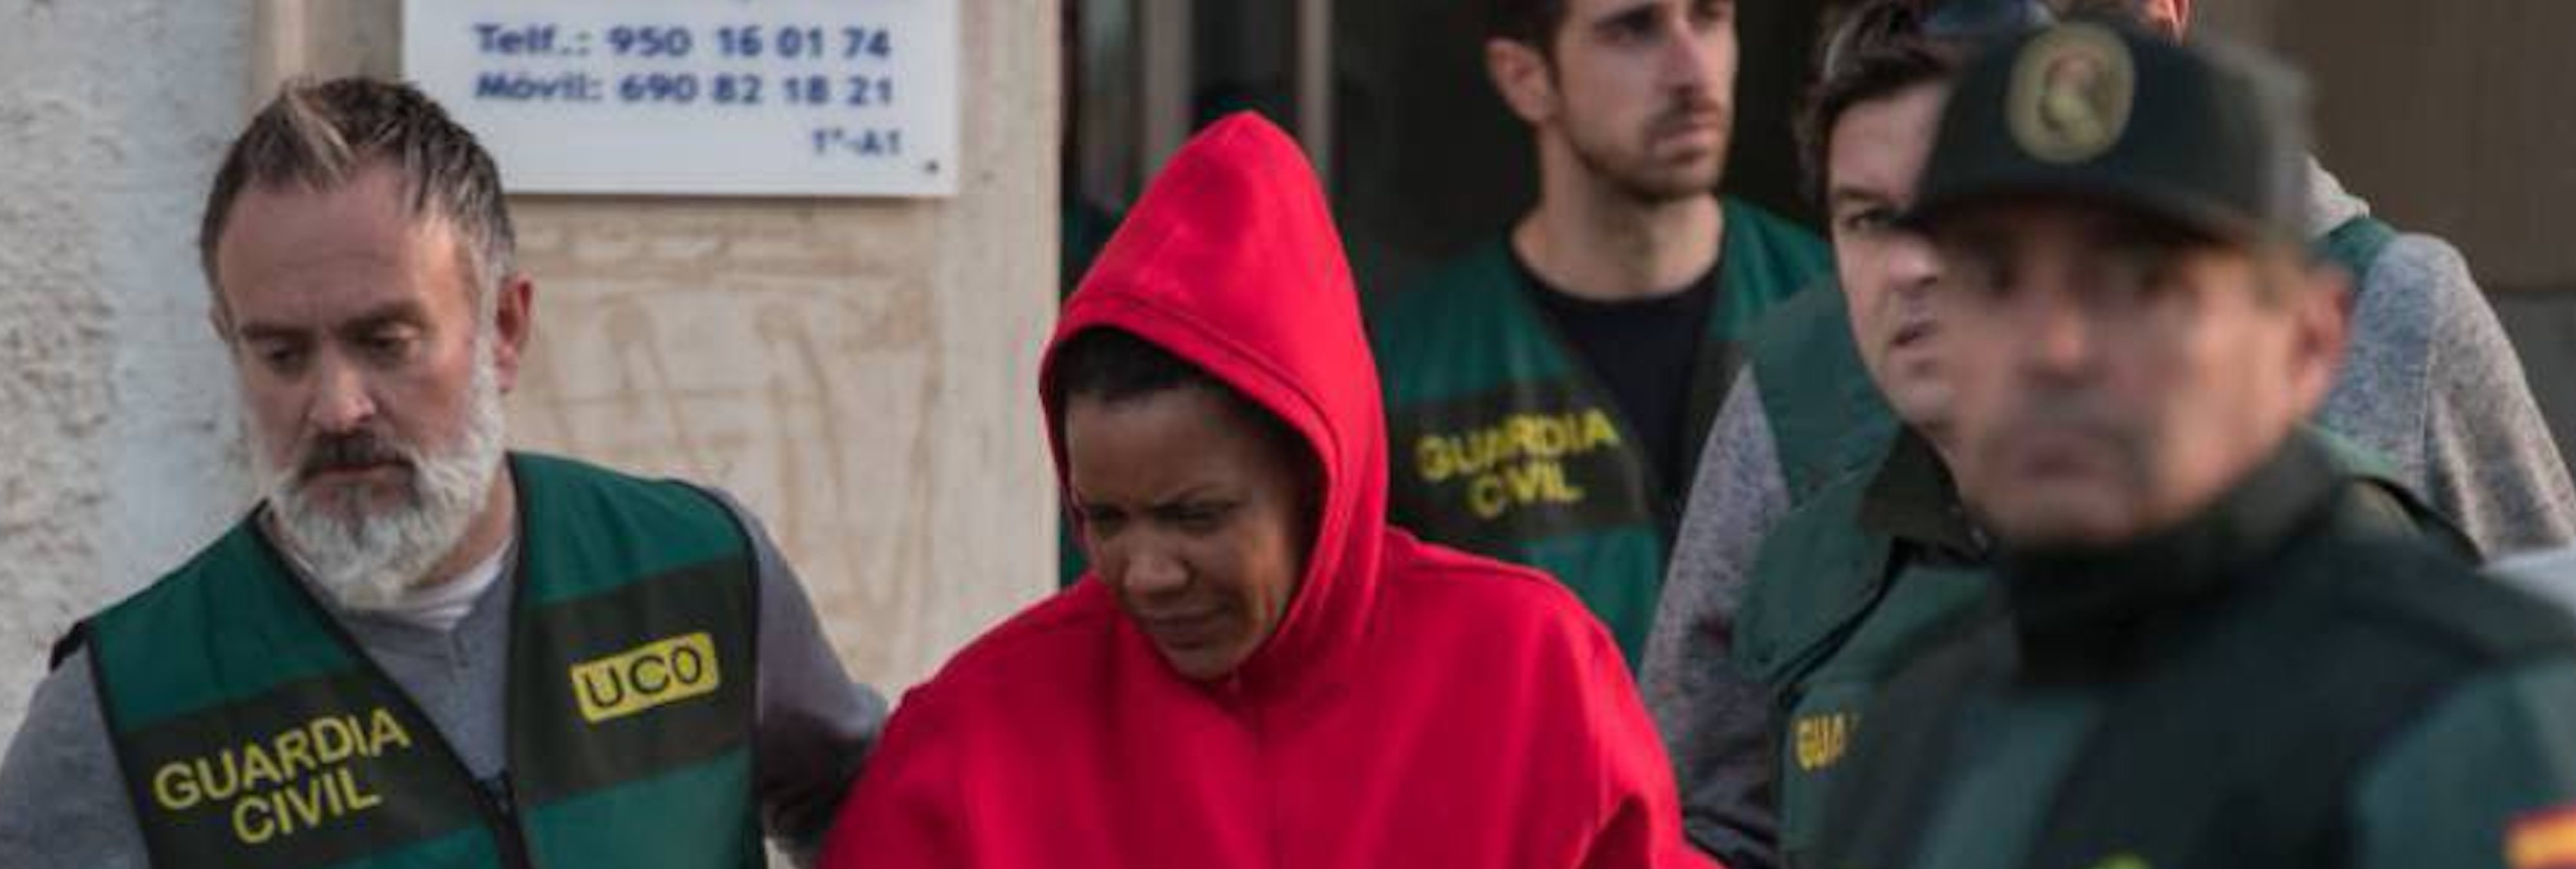 La defensa de Ana Julia Quezada pide tres años de cárcel por homicidio imprudente